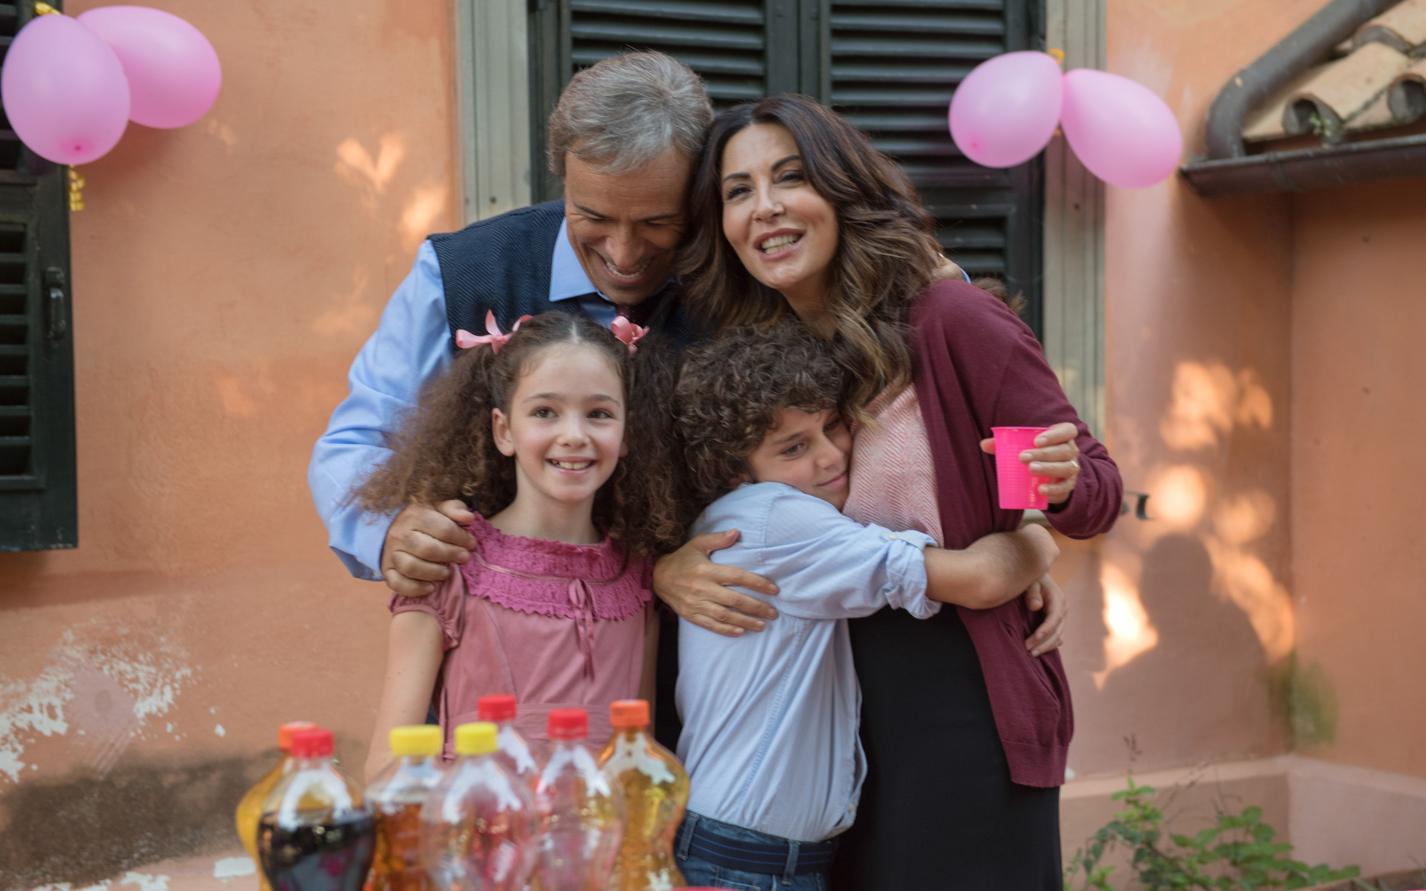 L Amore Strappato Sabrina Ferilli Lotta Per Riprendersi Sua Figlia Silhouette Donna